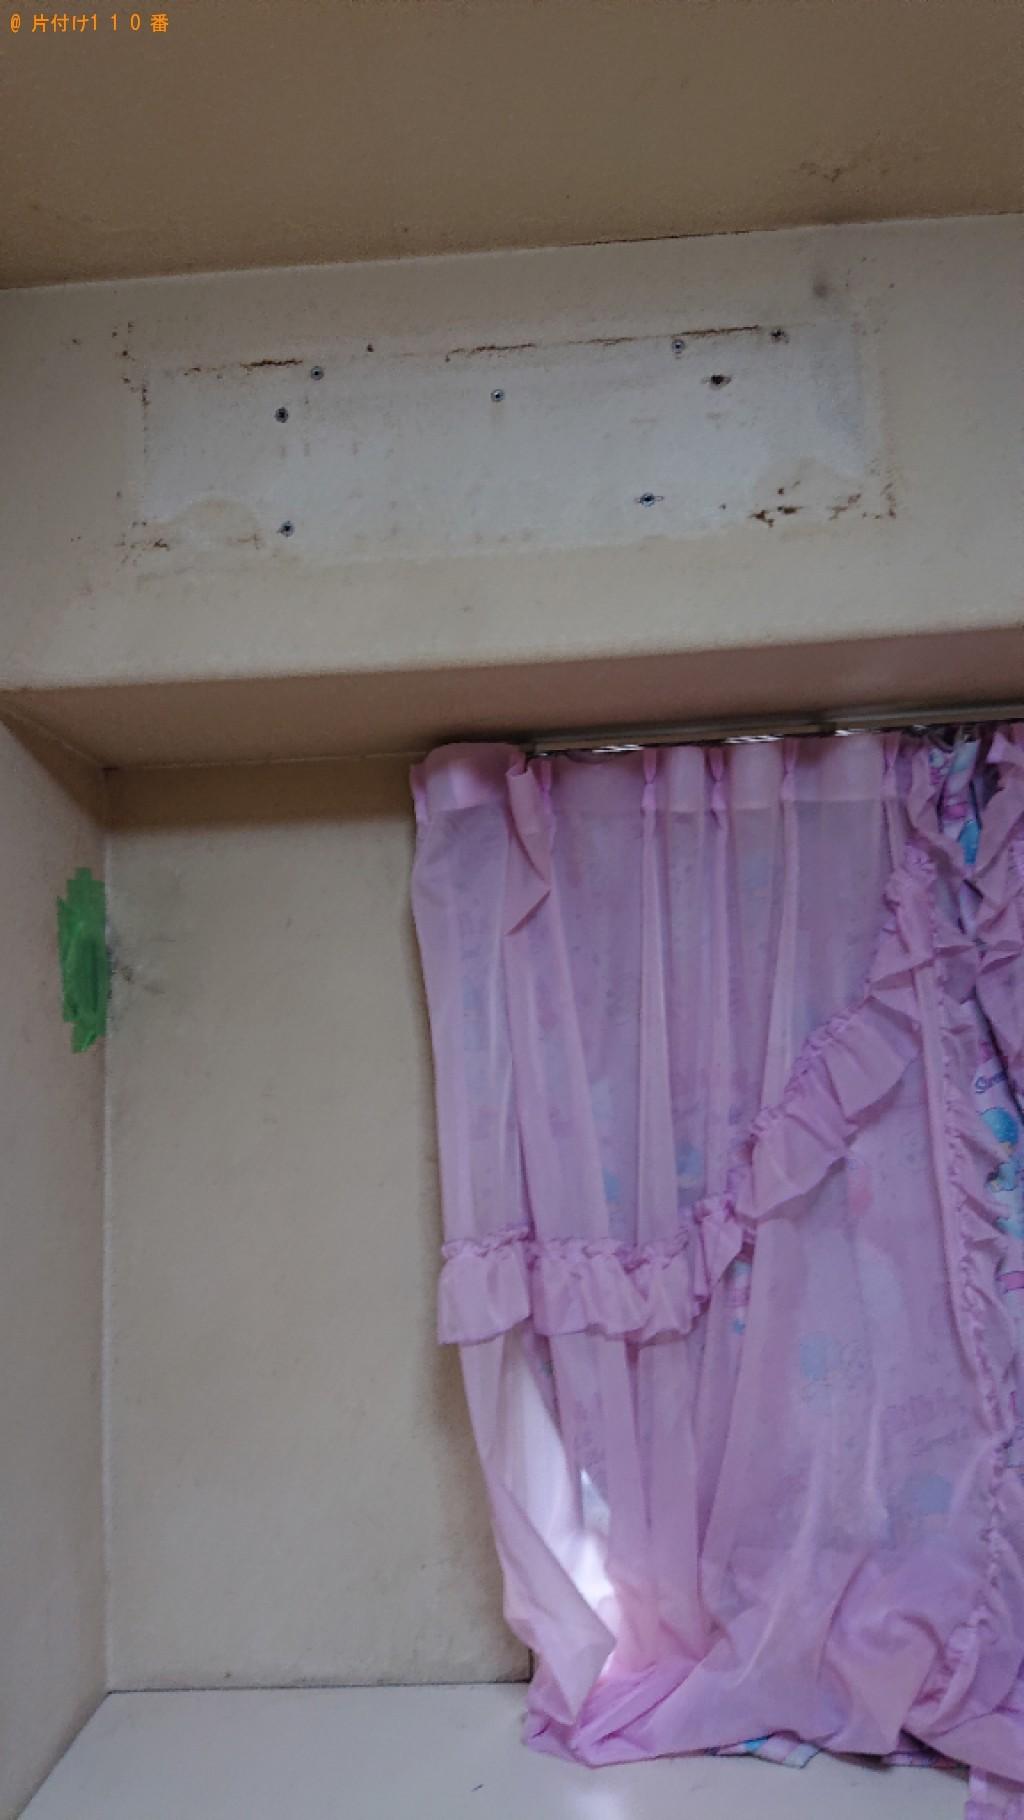 【京都市伏見区】本棚、タンス等の回収とハウスクリーニングご依頼